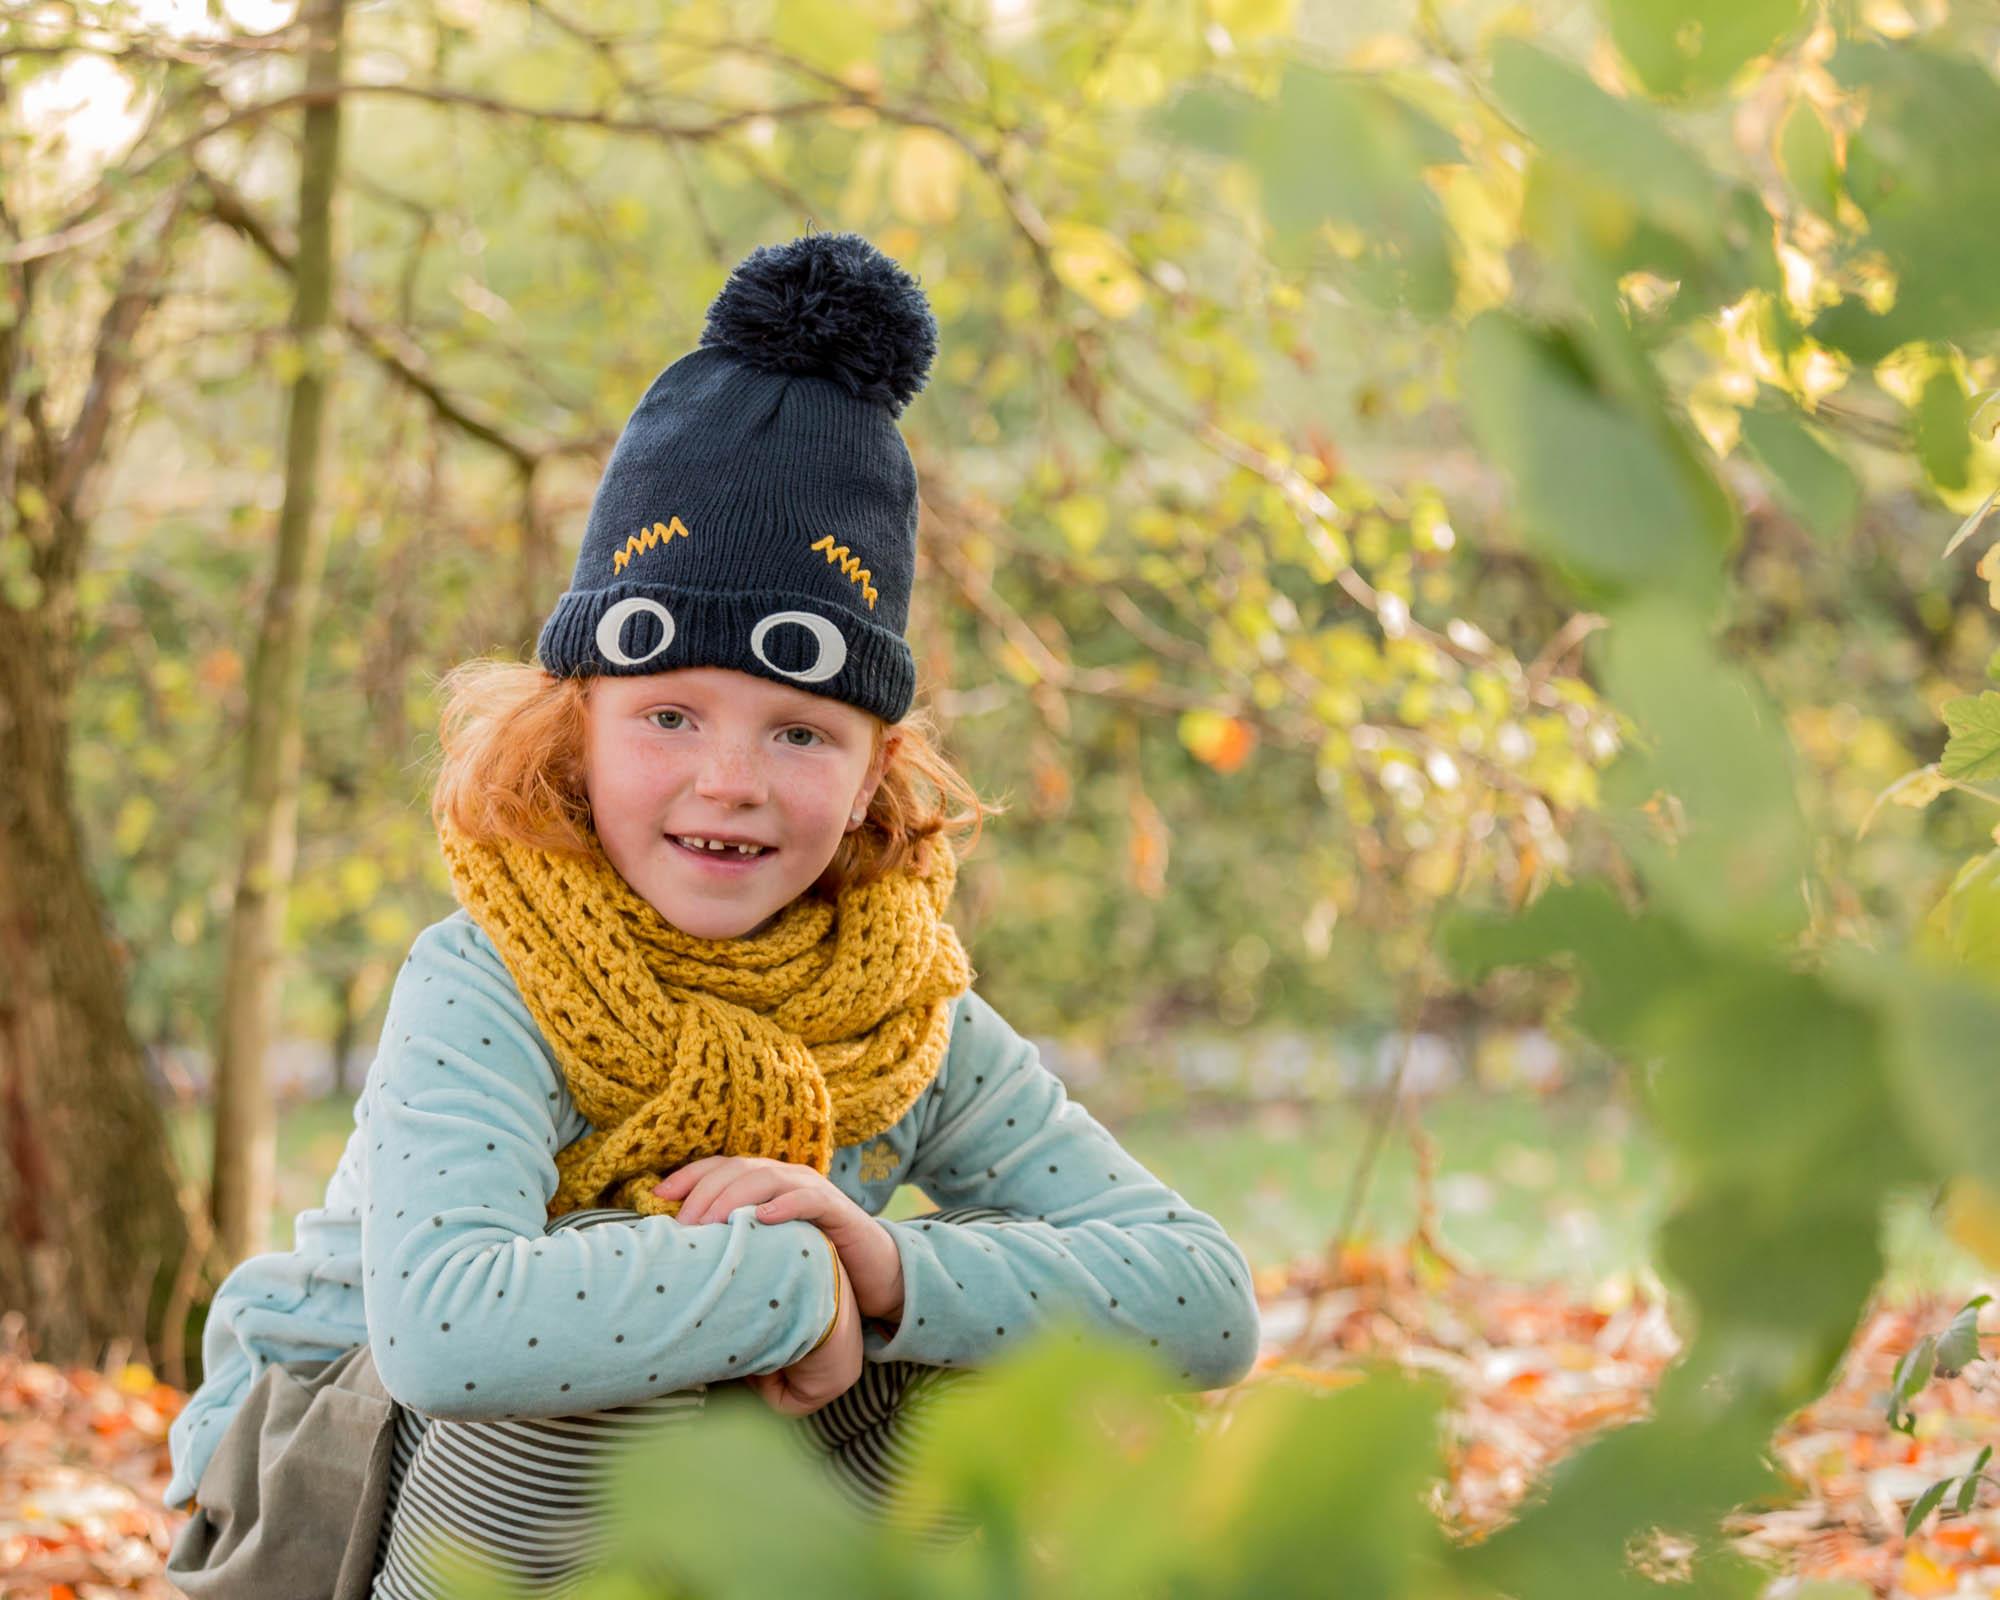 natuurlijk buiten portret van meisje met muts tussen groene bladeren door mayrafotografie